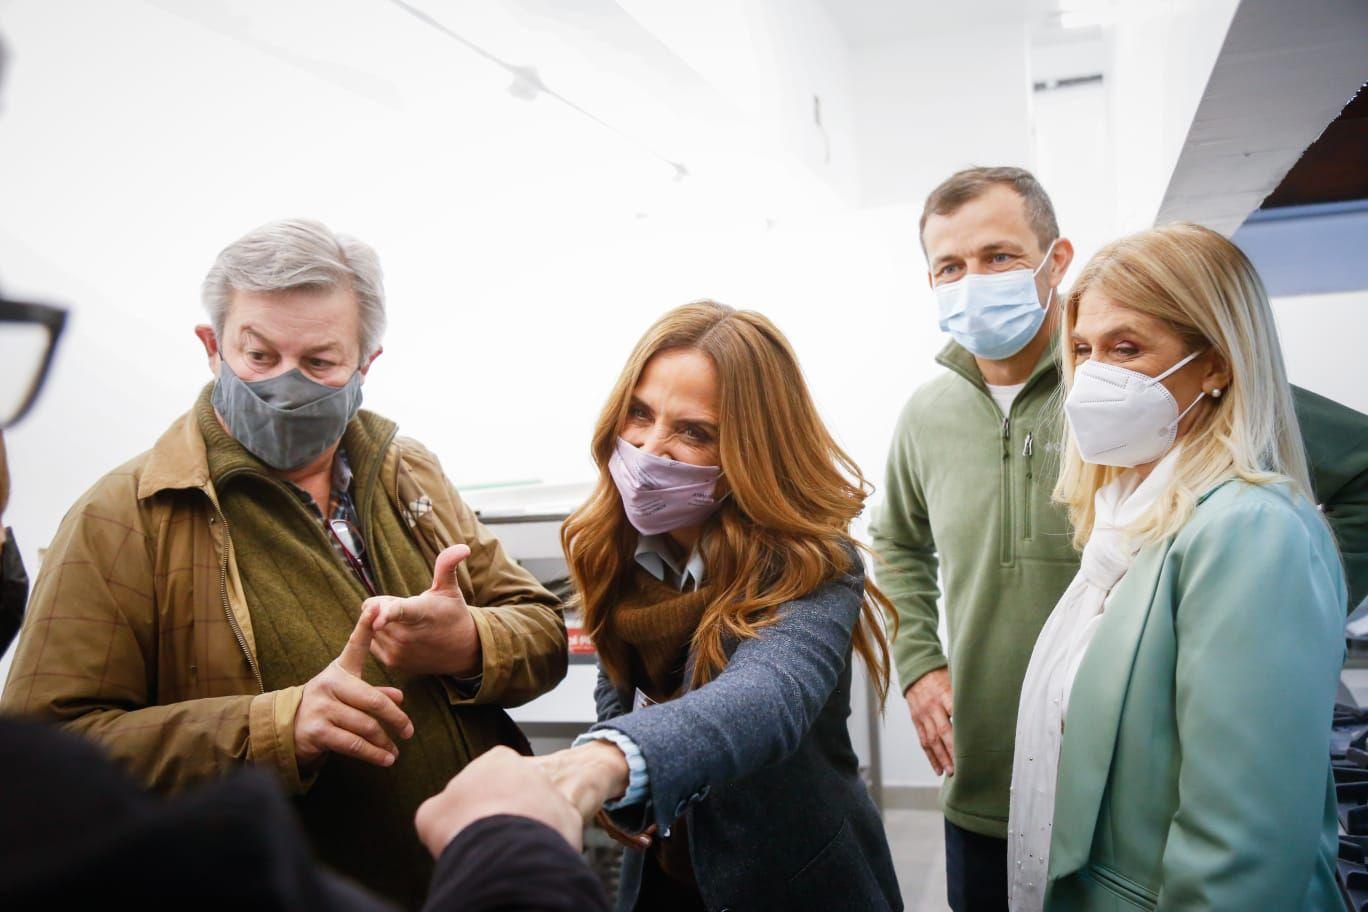 Tolosa Paz: Las pymes están reencendiendo el corazón productivo e industrial